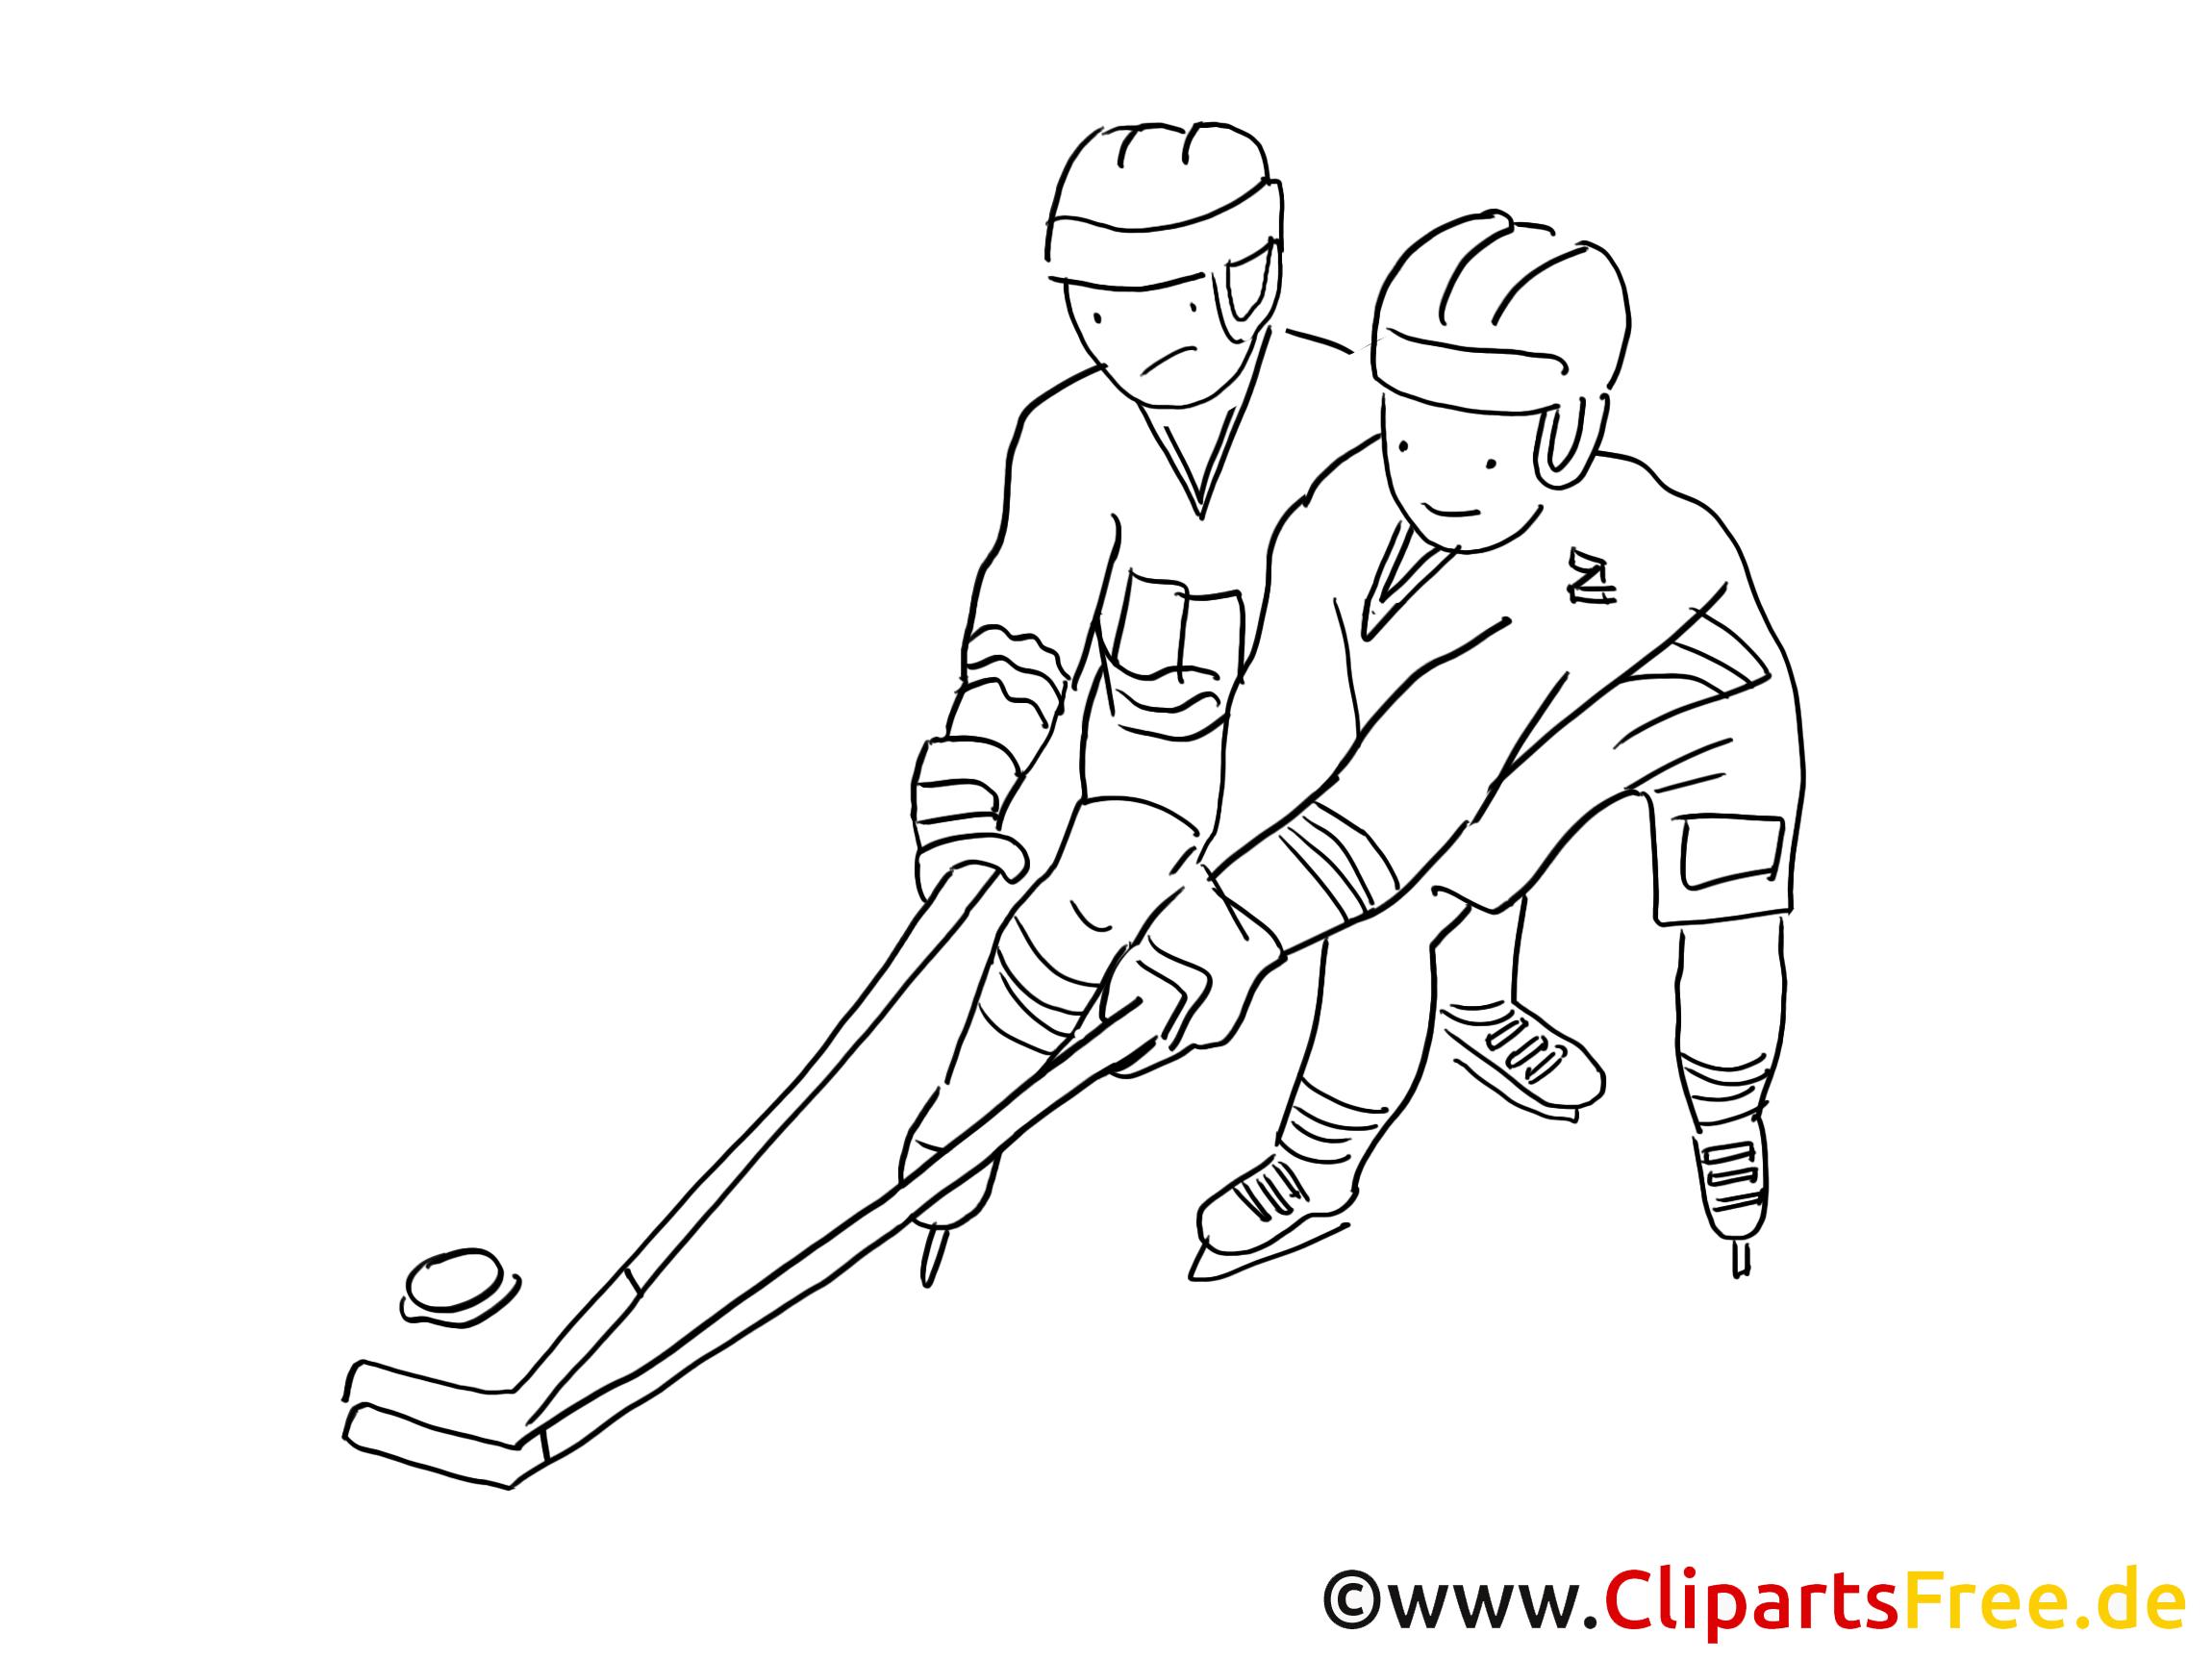 Schön Eishockey Malvorlagen Zum Ausdrucken Galerie - Entry Level ...